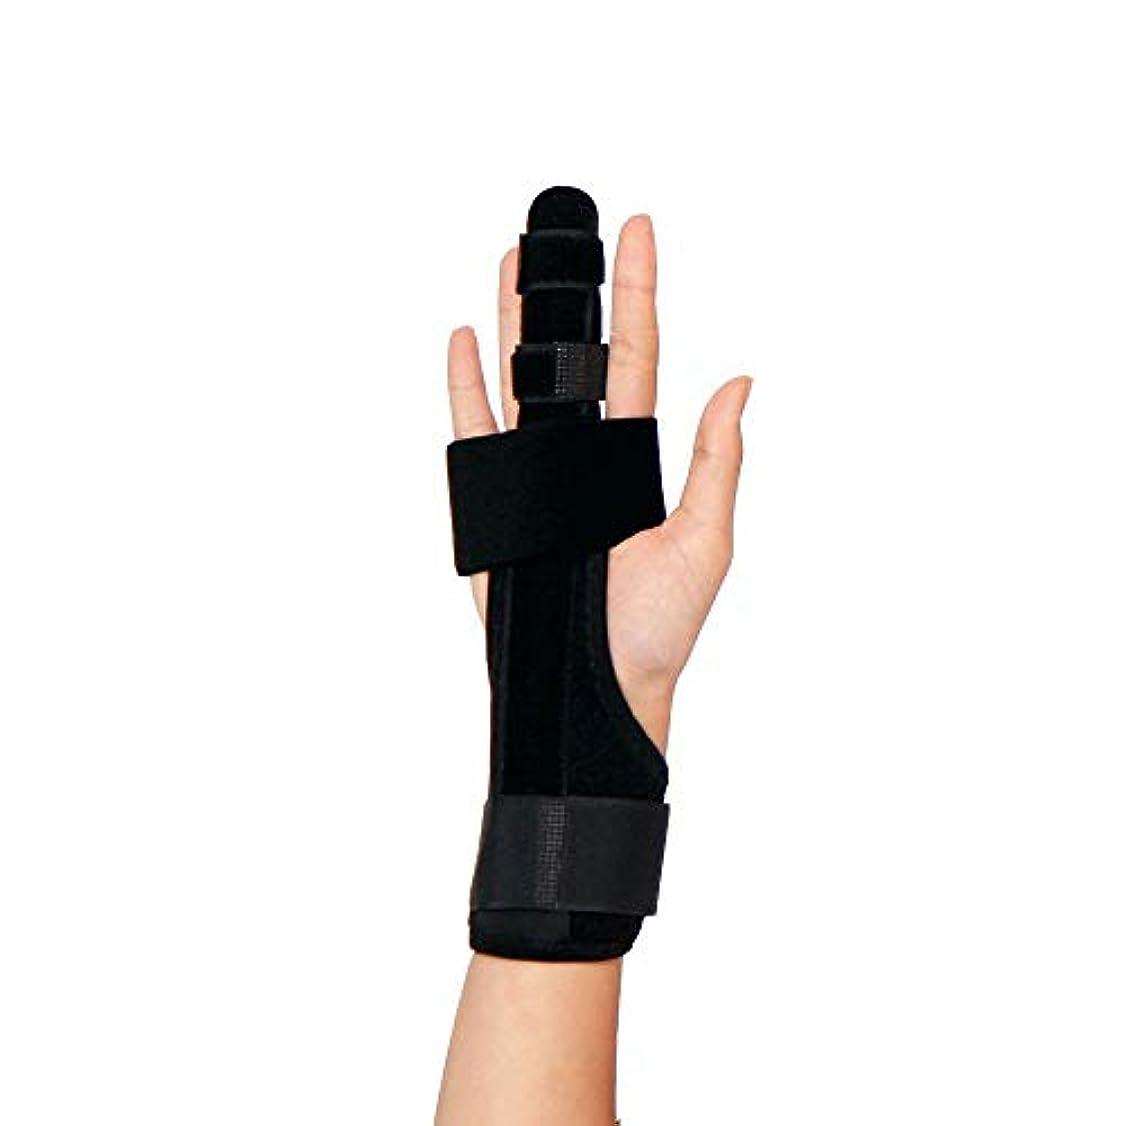 恐怖症ダイエット勢いトリガーフィンガースプリントフィンガーブレース、折れた指用の快適なフィンガースプリント、曲がったマレットまたは関節炎の指関節用の調整可能なプロテクター